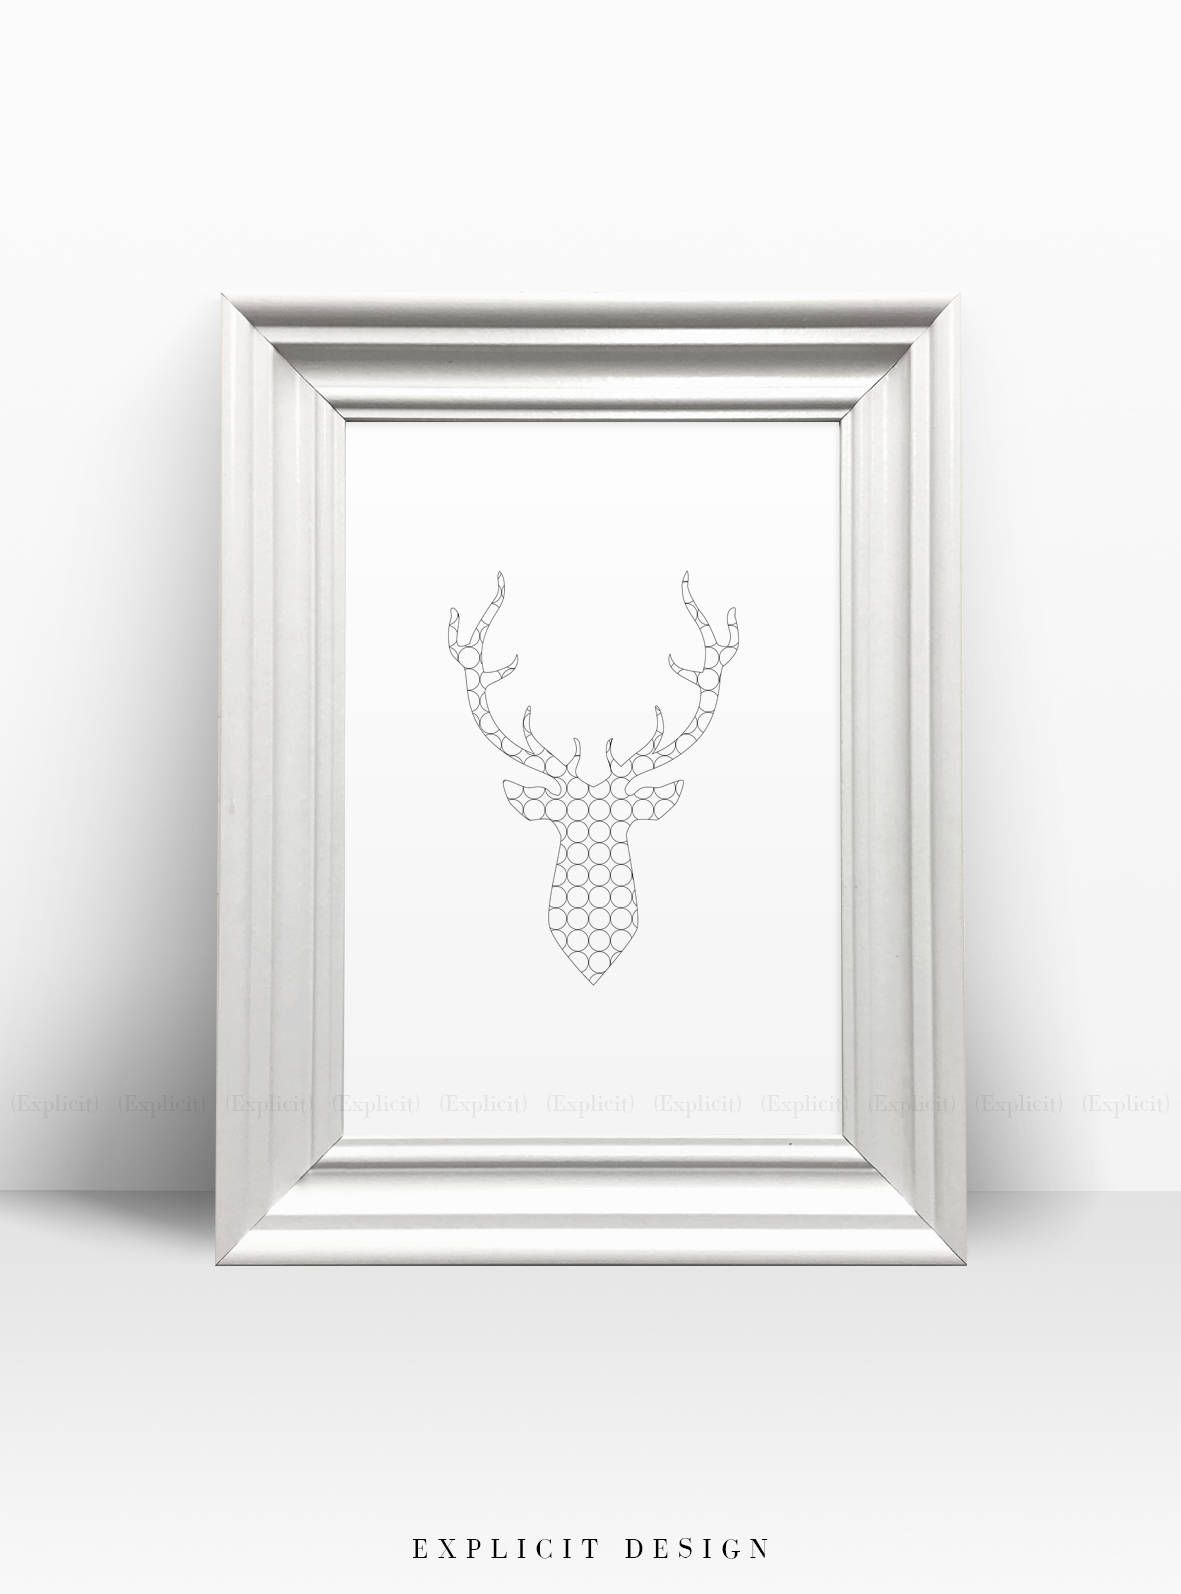 Nursery Wall Art, Deer Antlers Print, Black And White Minimal Artwork  Prints, Tumblr